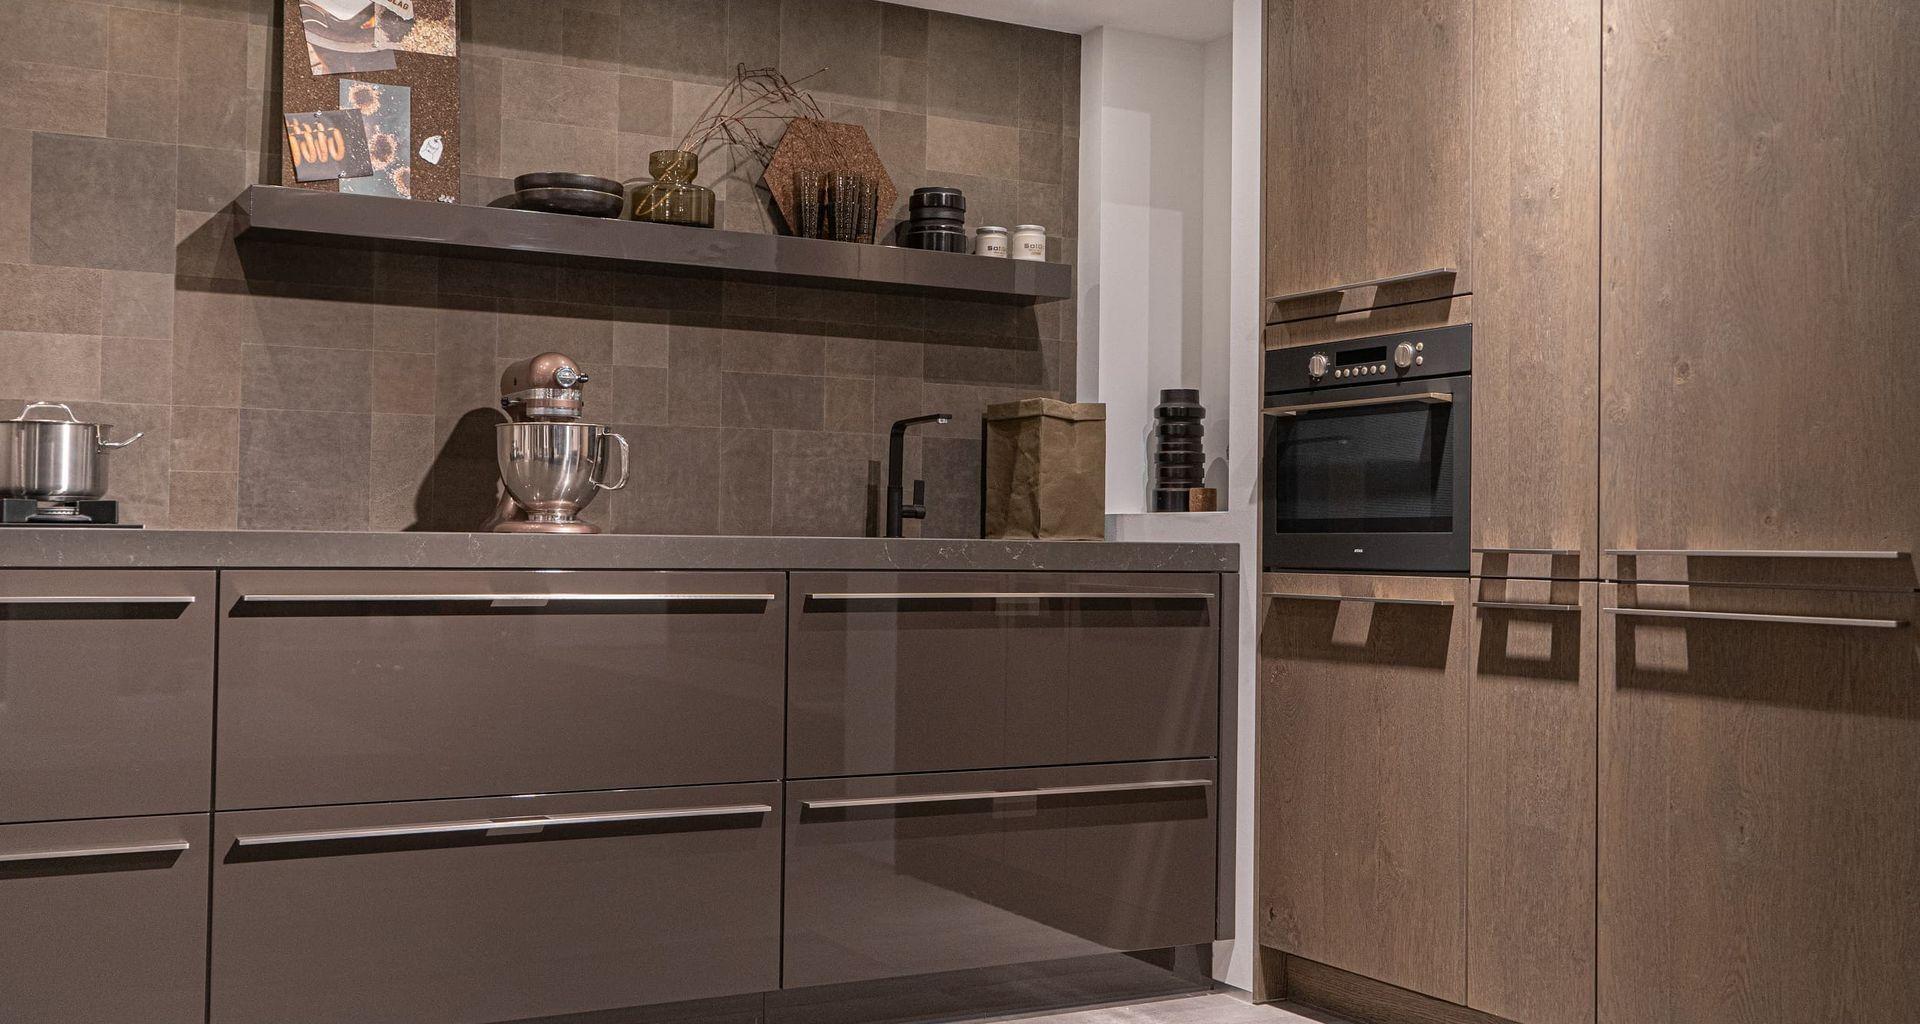 materiaal keukenkast